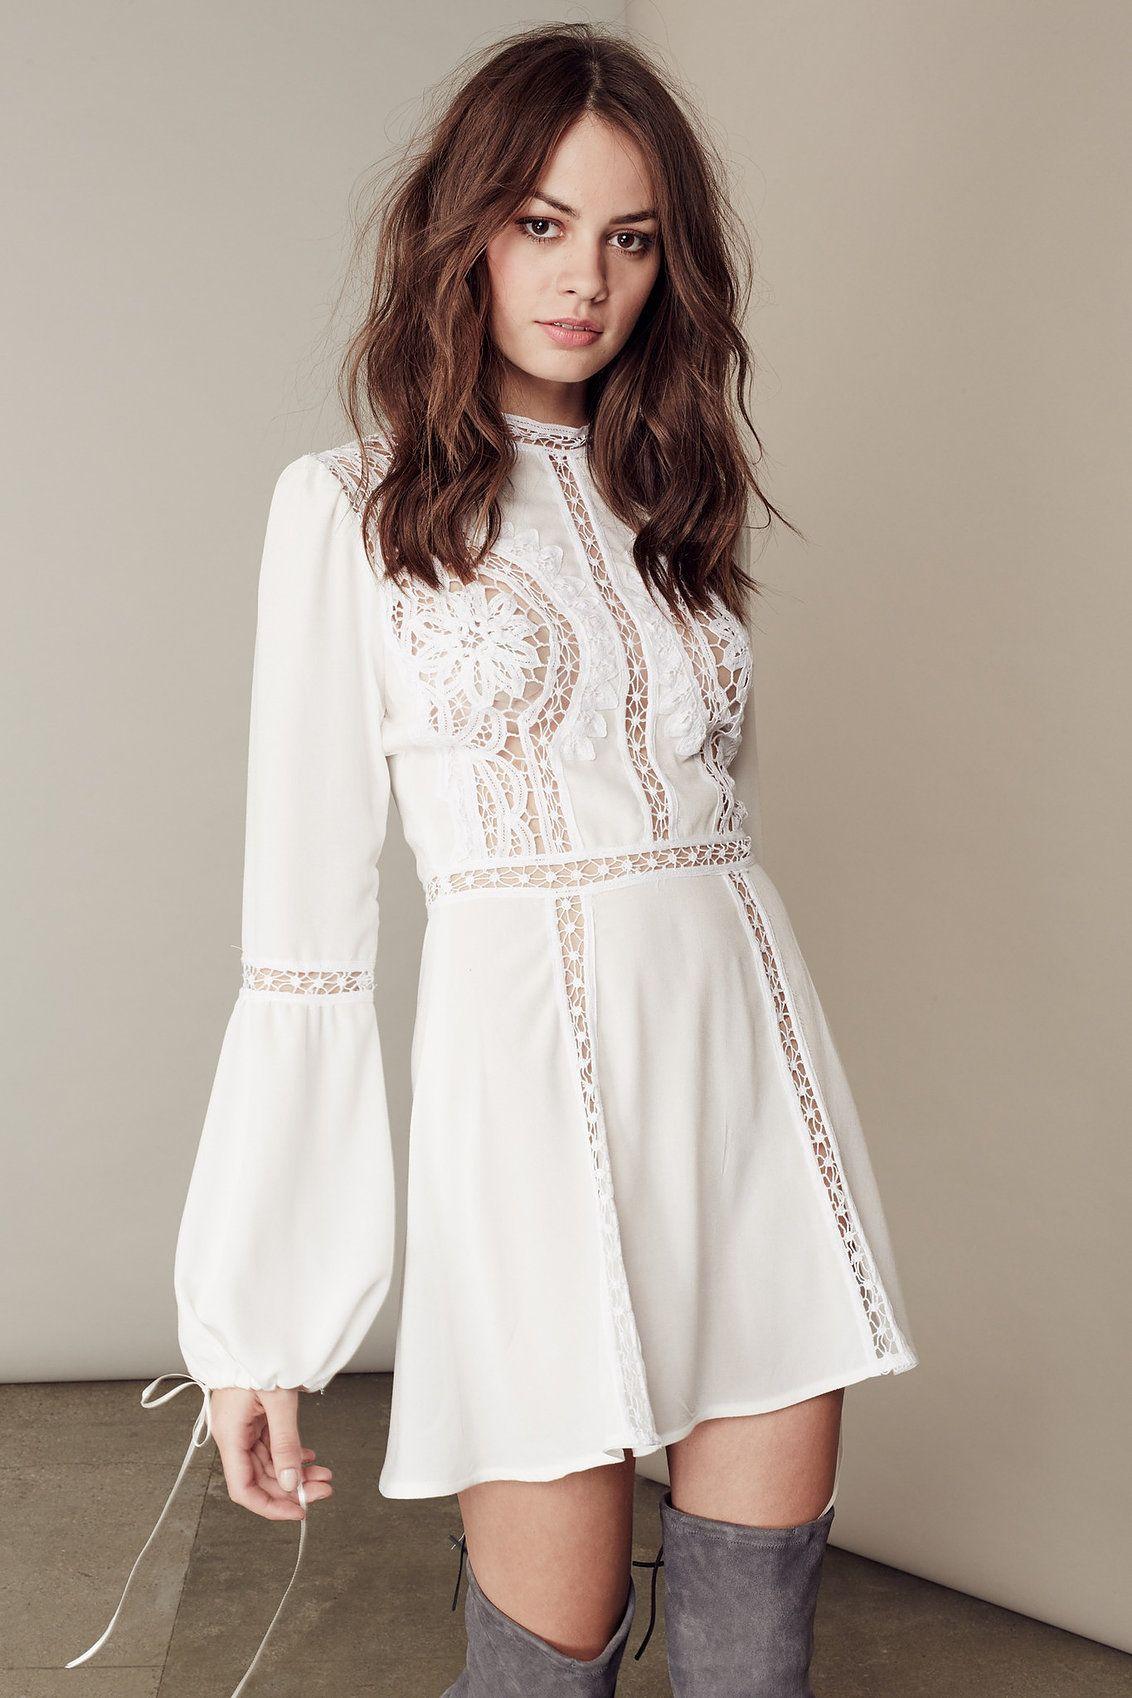 White boho dress | dress up | Pinterest | Kleider